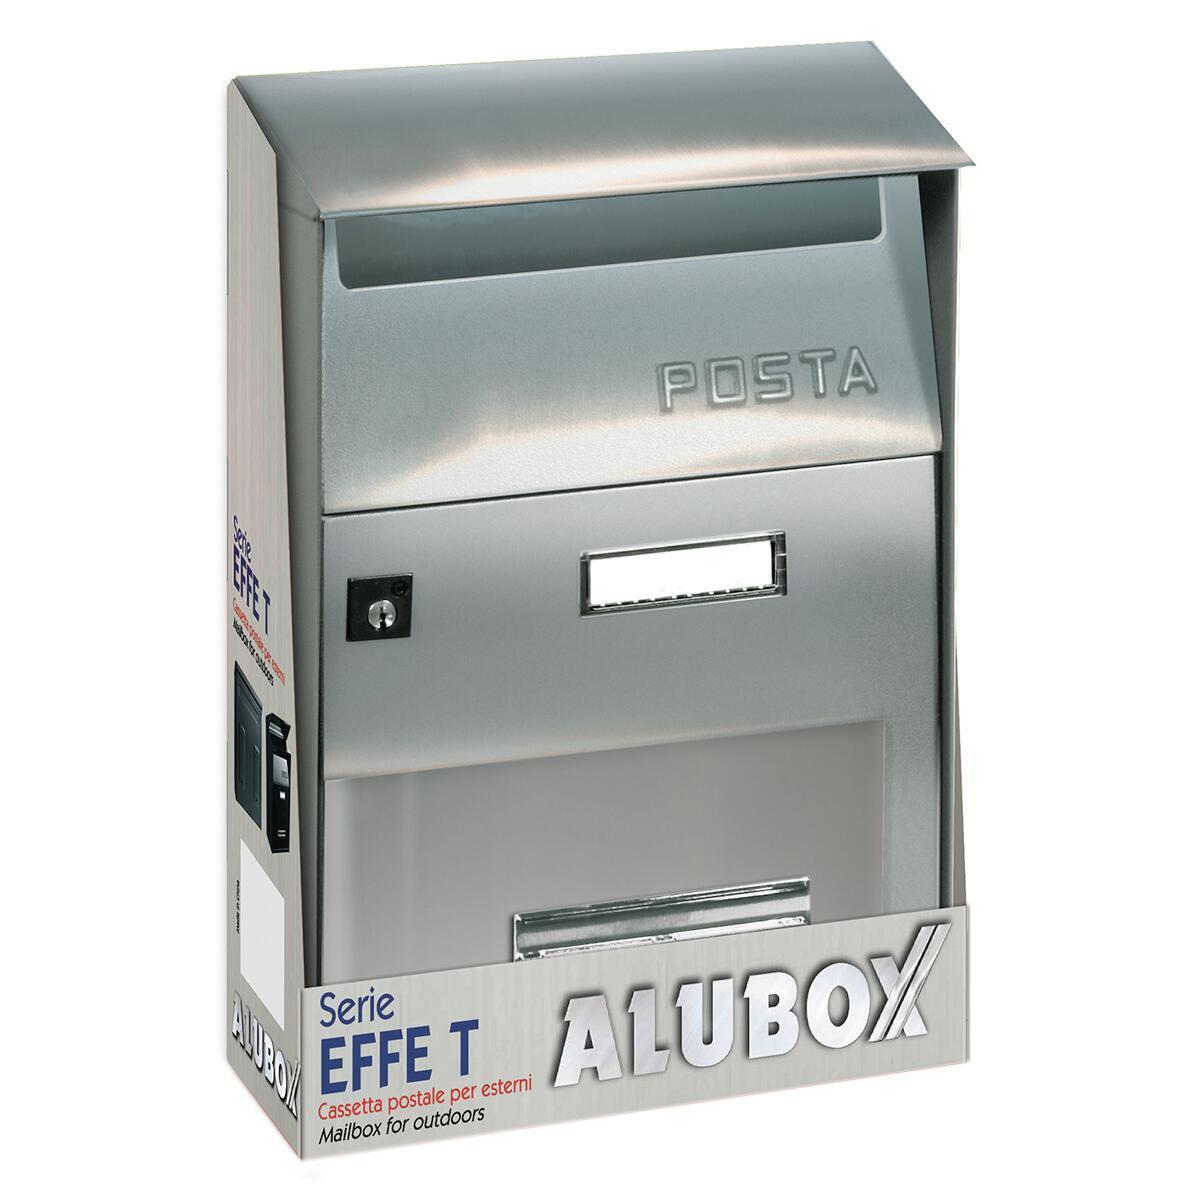 Cassetta postale ALUBOX formato Lettera, grigio / argento , L 22 x P 11 x H 32.5 cm - 4